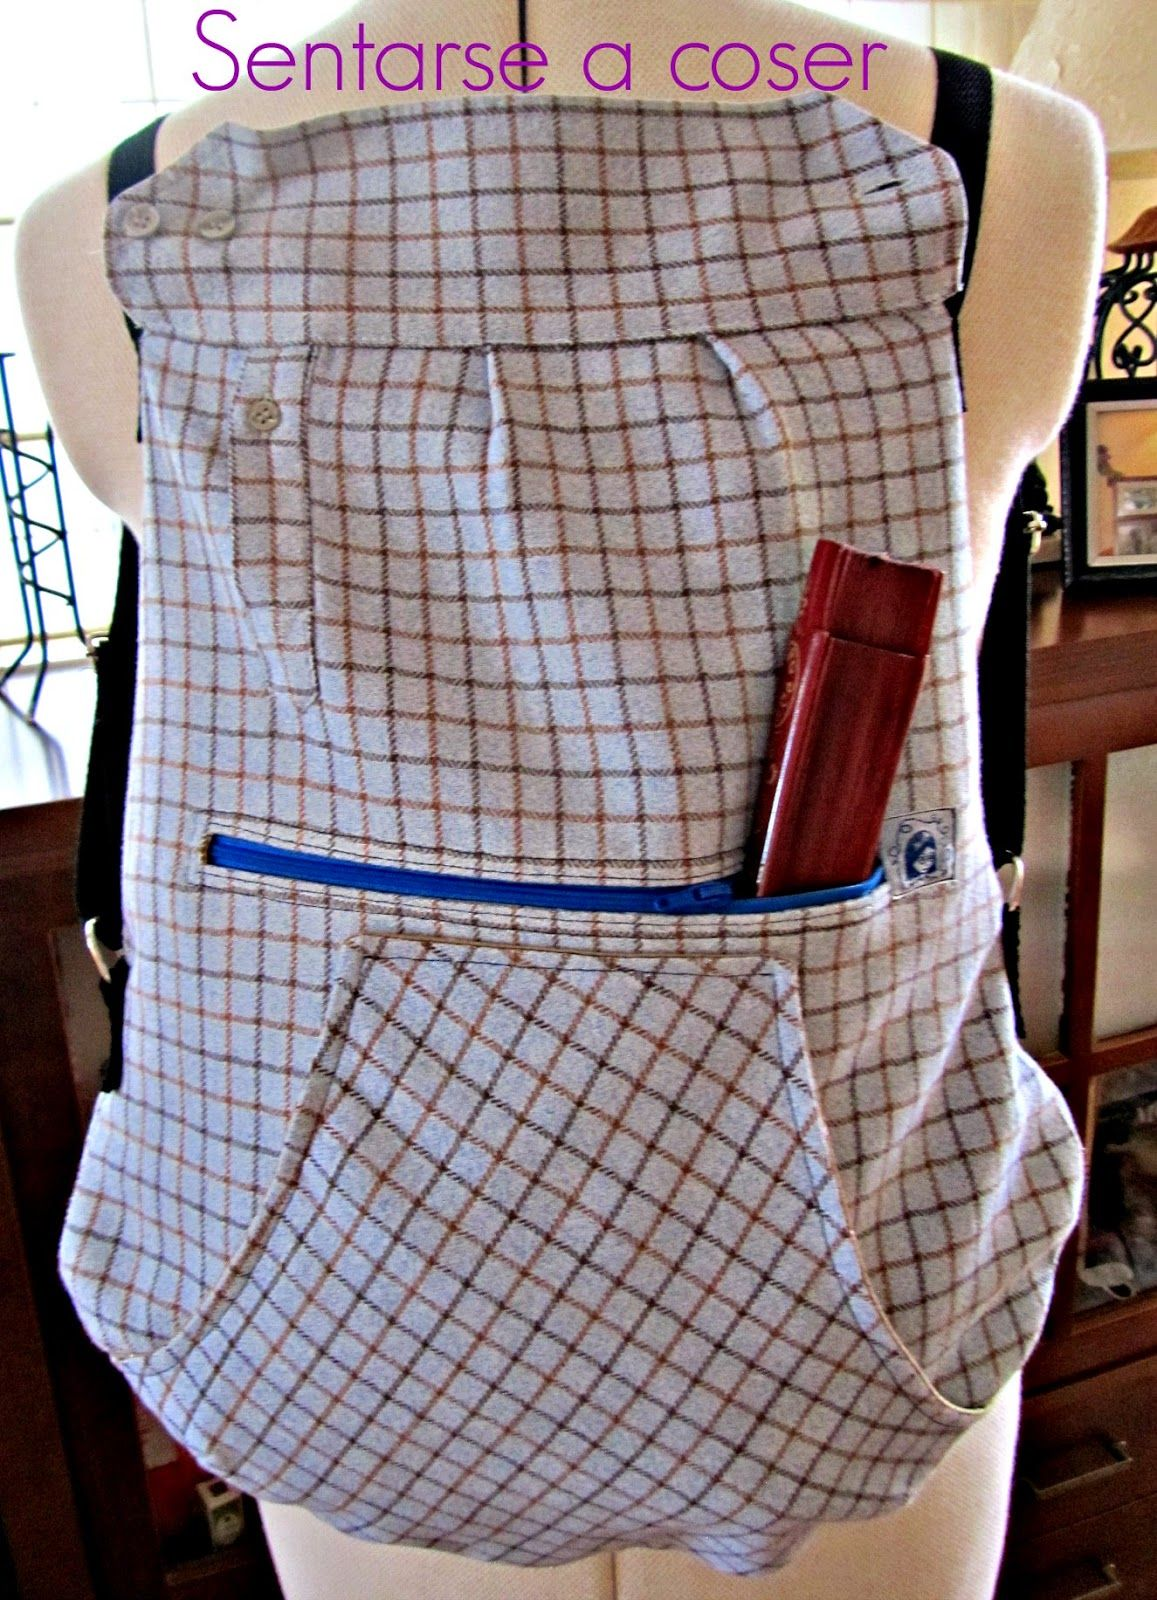 Qué se puede hacer con una camisa que se retira de la circulación?   Si la camisa es de caballero y las mangas son largas, con ellas podemo...